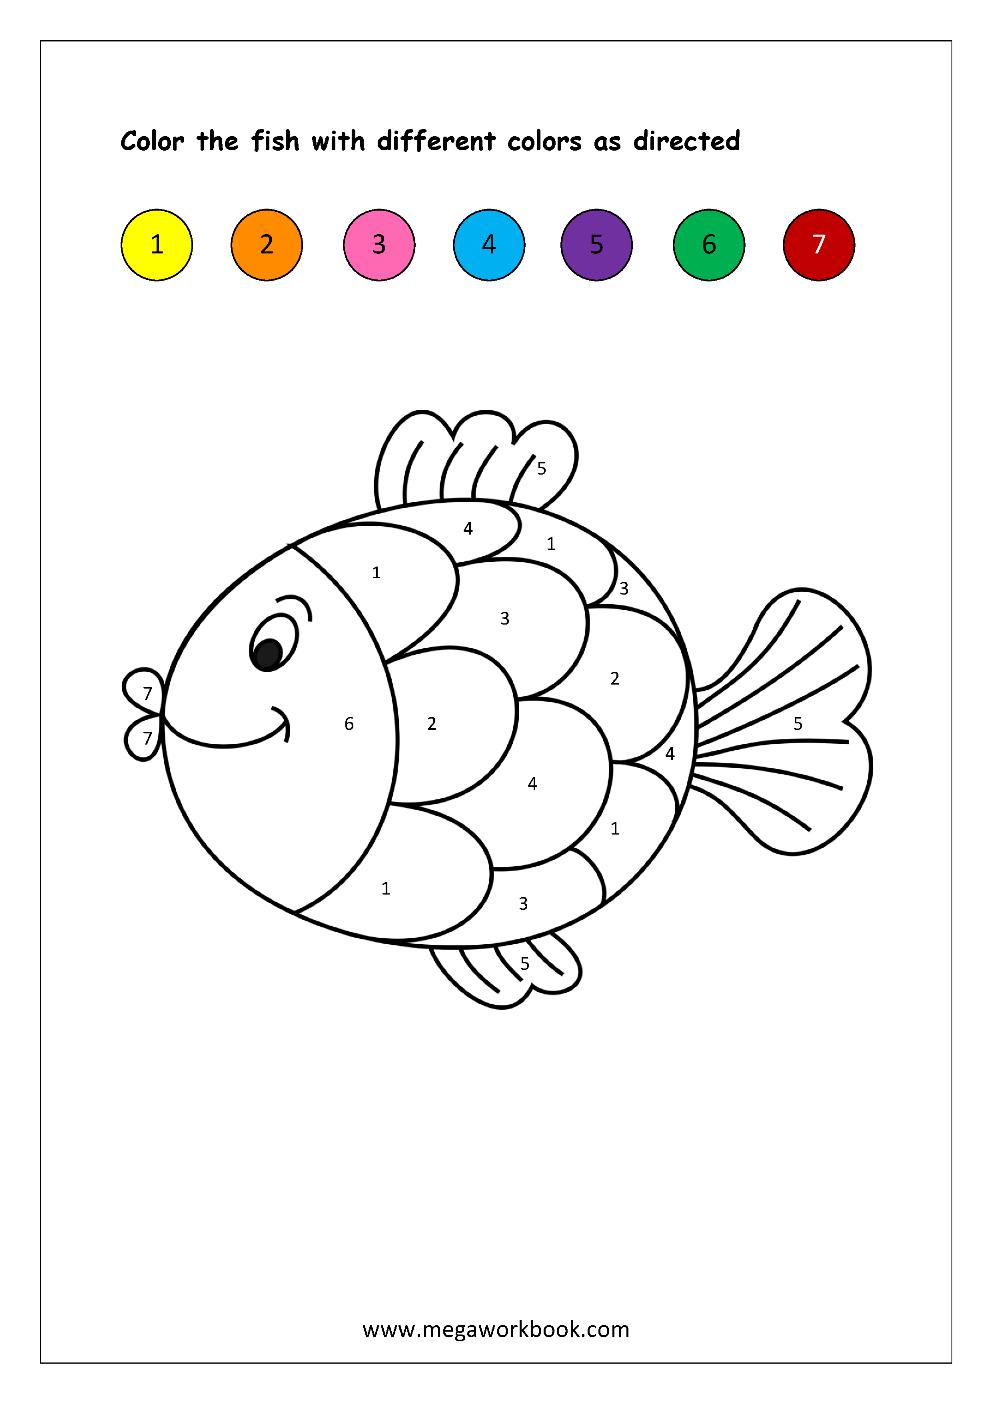 Free Printable Colornumbers Worksheets - Color Recognition For - Color Recognition Worksheets Free Printable